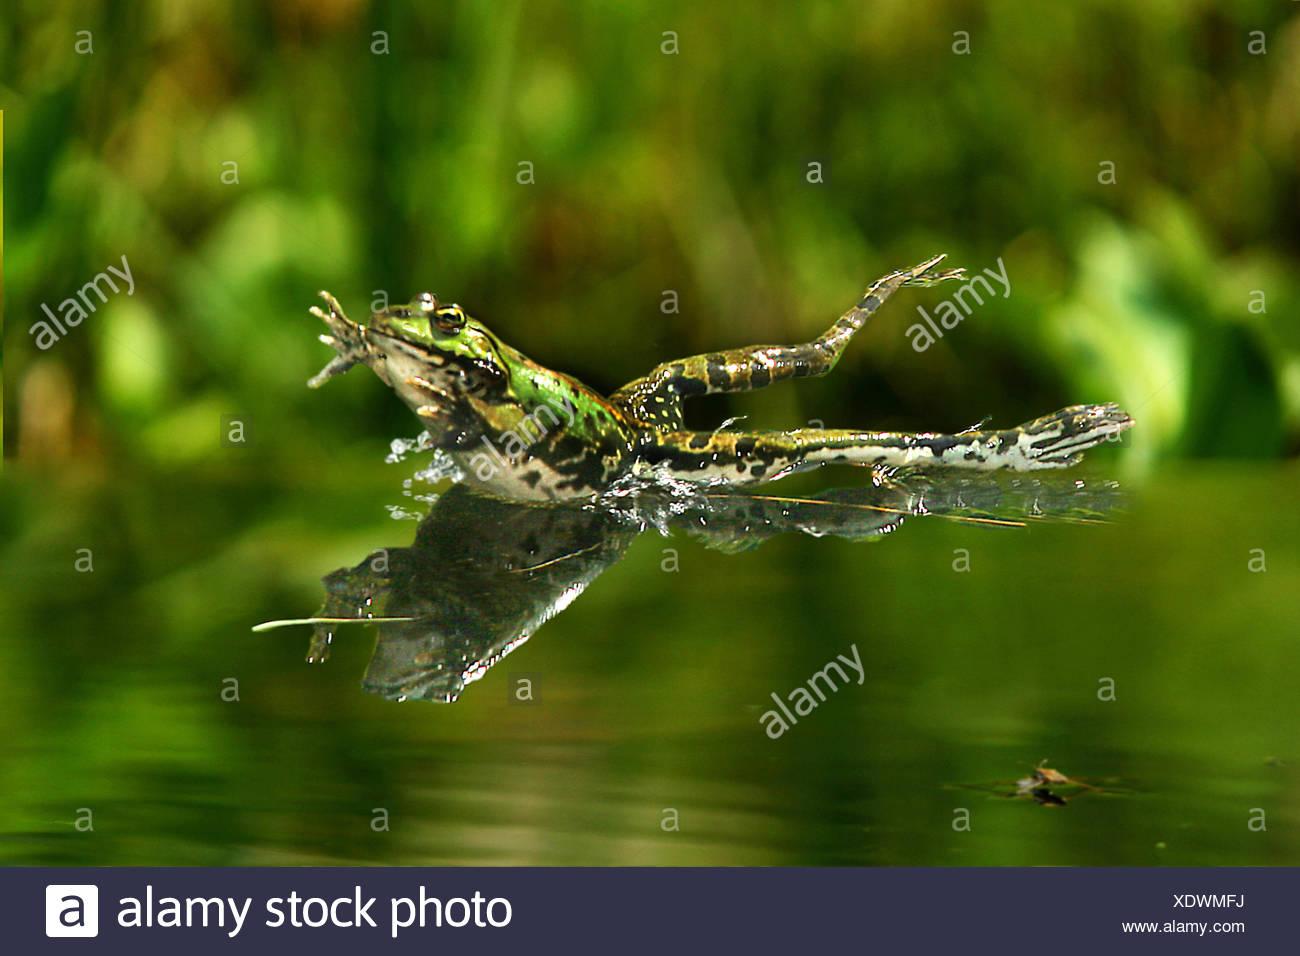 Grenouille comestible européen commun, edible frog (Rana kl. esculenta, Rana esculenta, Pelophylax esculentus), sauter dans l'eau, de l'Allemagne Photo Stock